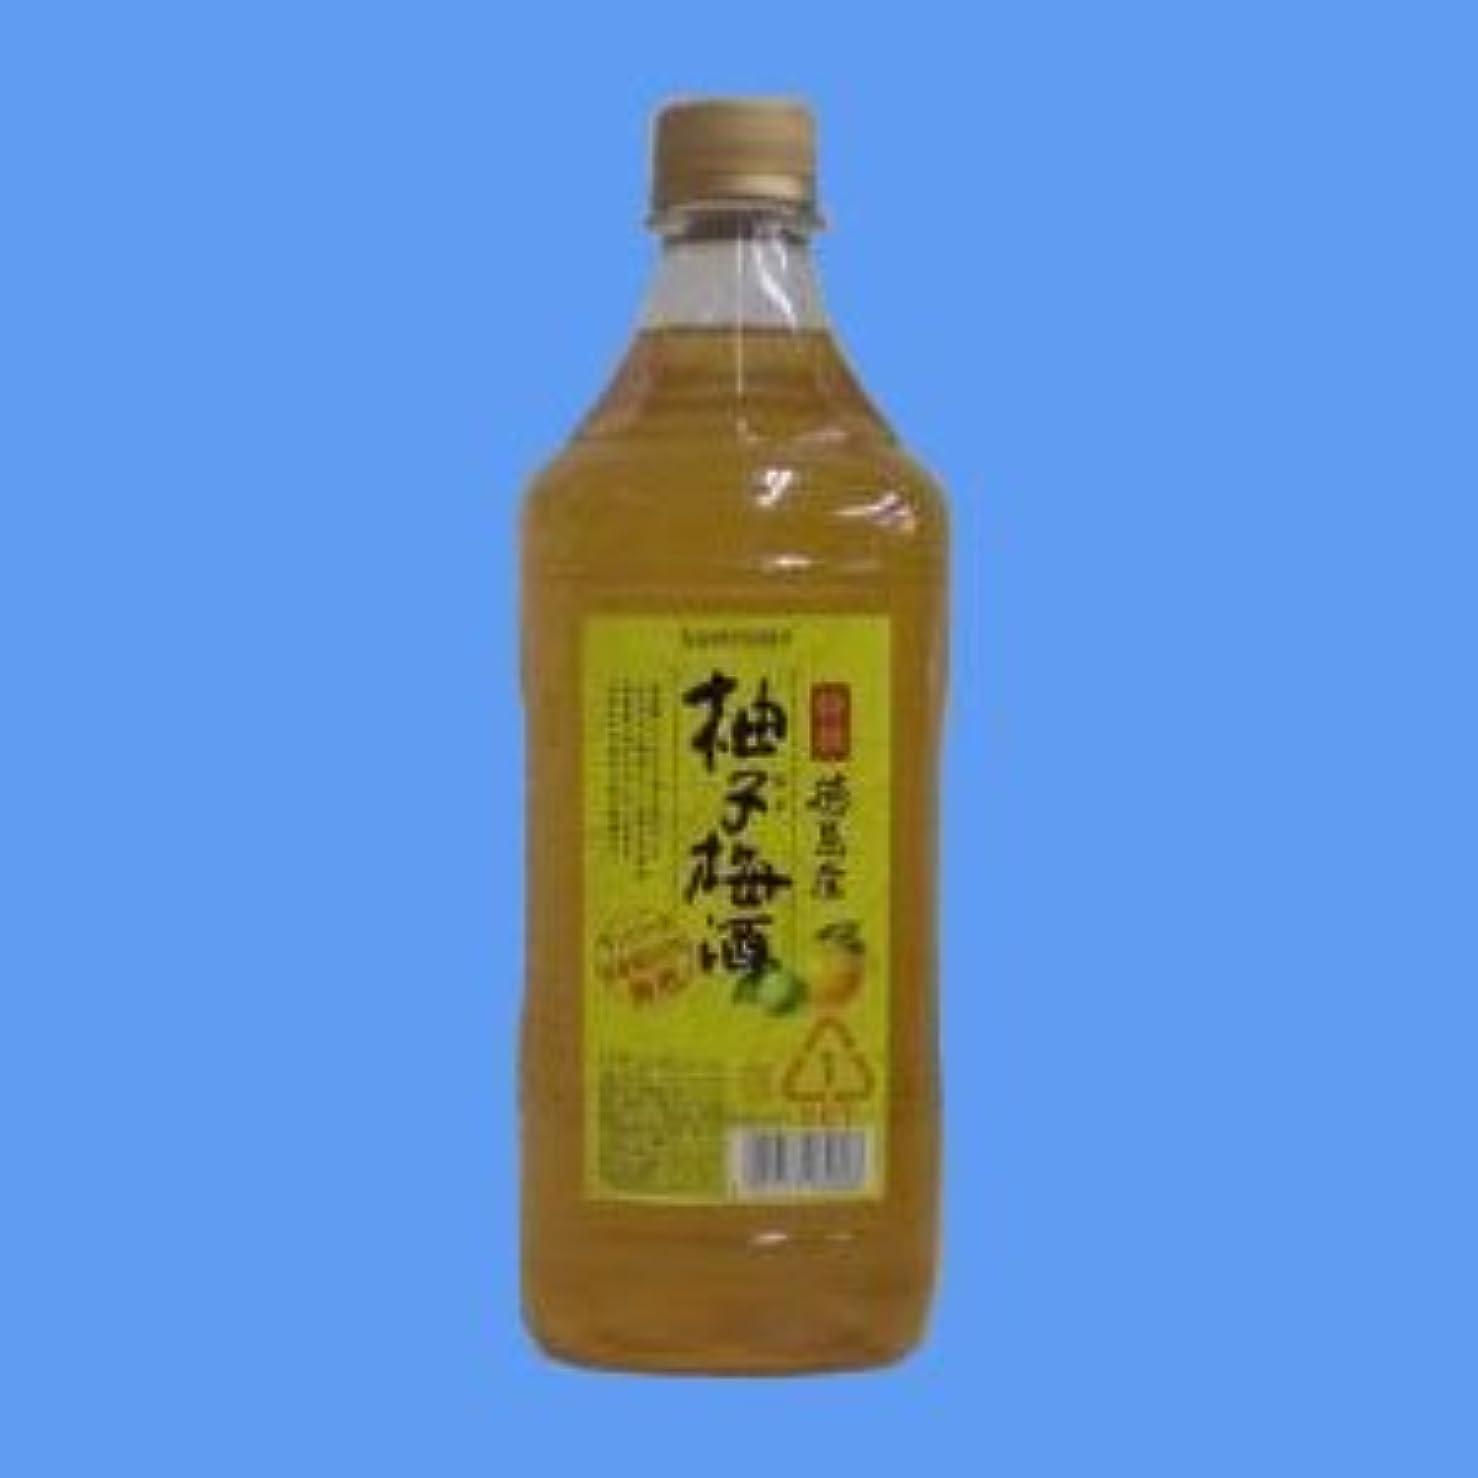 ブースト技術的な感嘆サントリー 特撰 徳島産柚子梅酒 1800ml